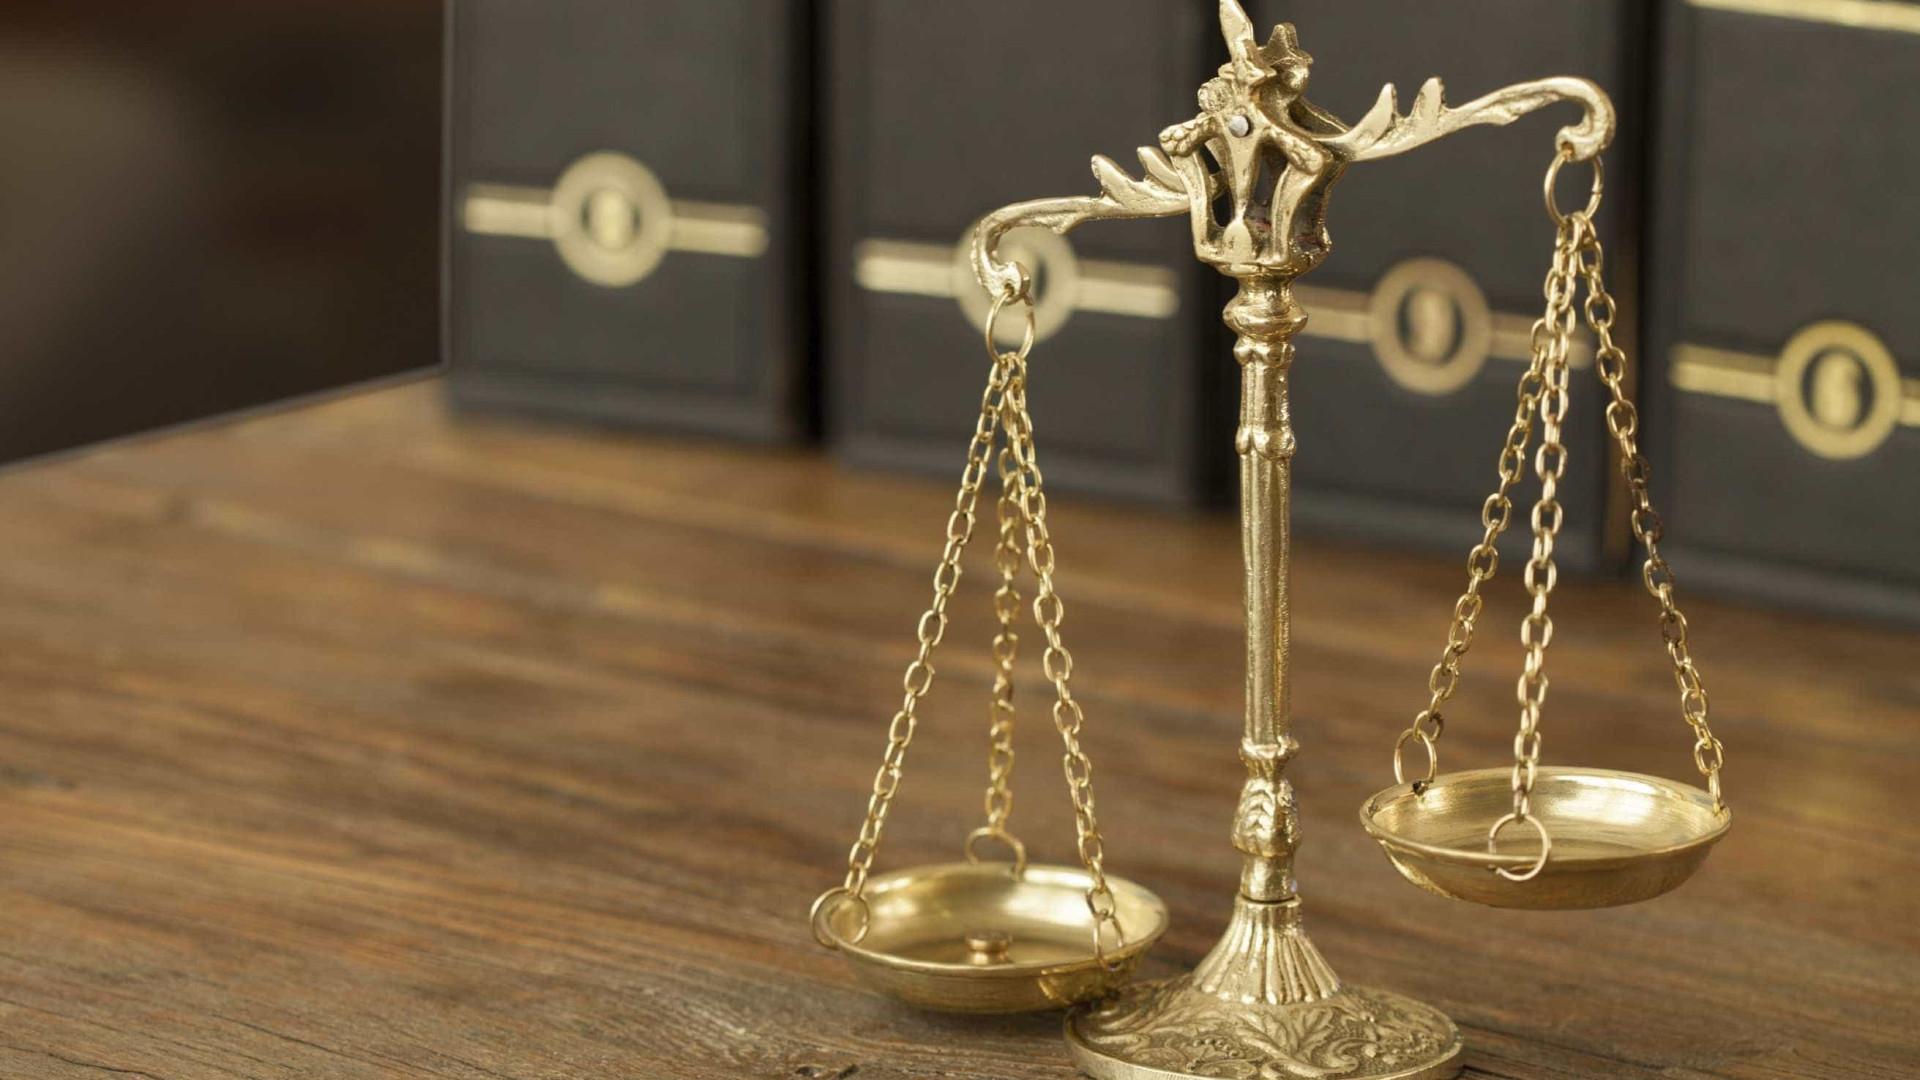 Explicador acusado de abusar de menores julgado à porta fechada em Viana